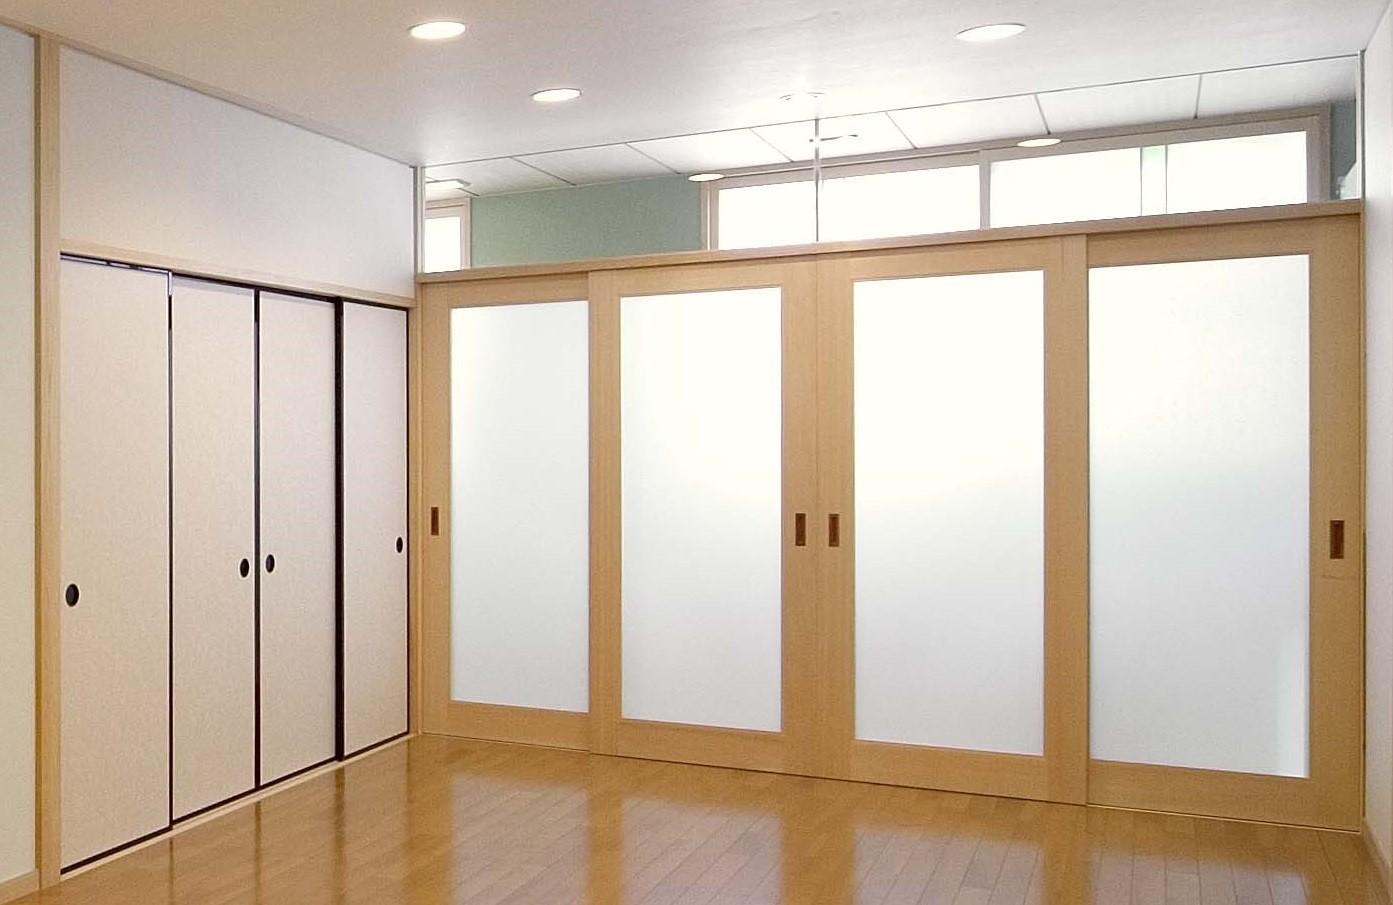 リビングダイニング事例:リビング:廊下を通しての外部の採光(床暖房があるバリアフリー対策の平屋建て住宅|超高気密高断熱の住まい)